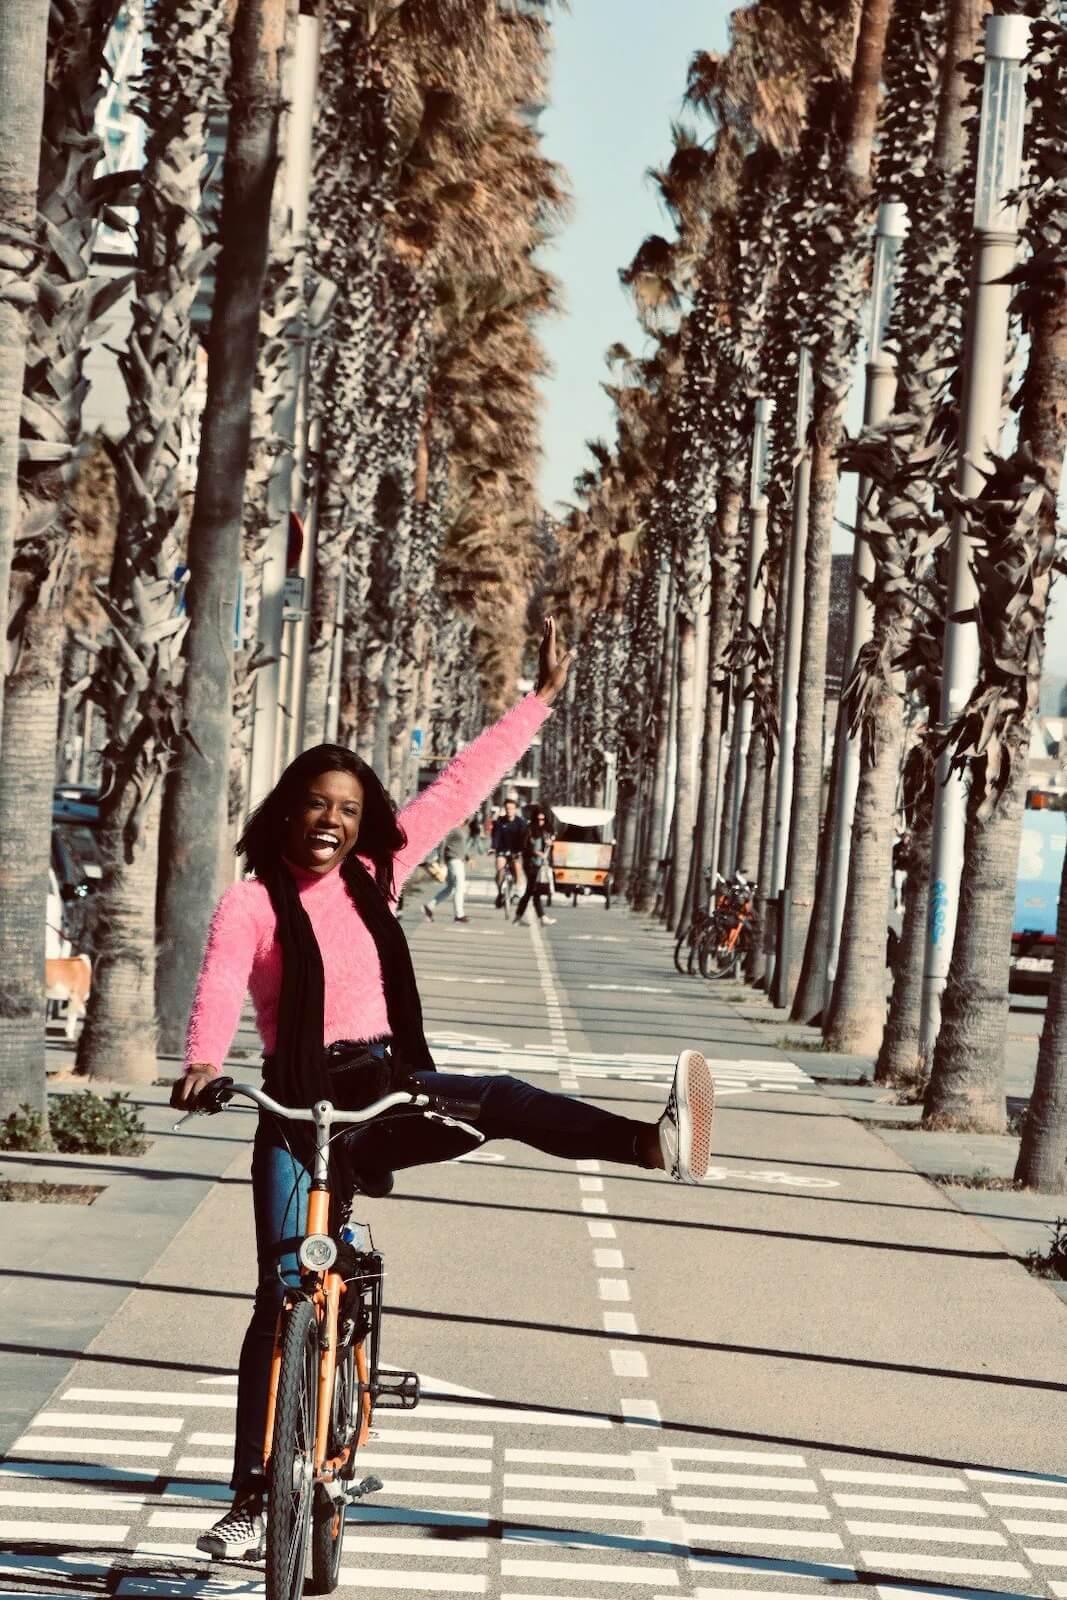 Go on a bike tour Barcelona